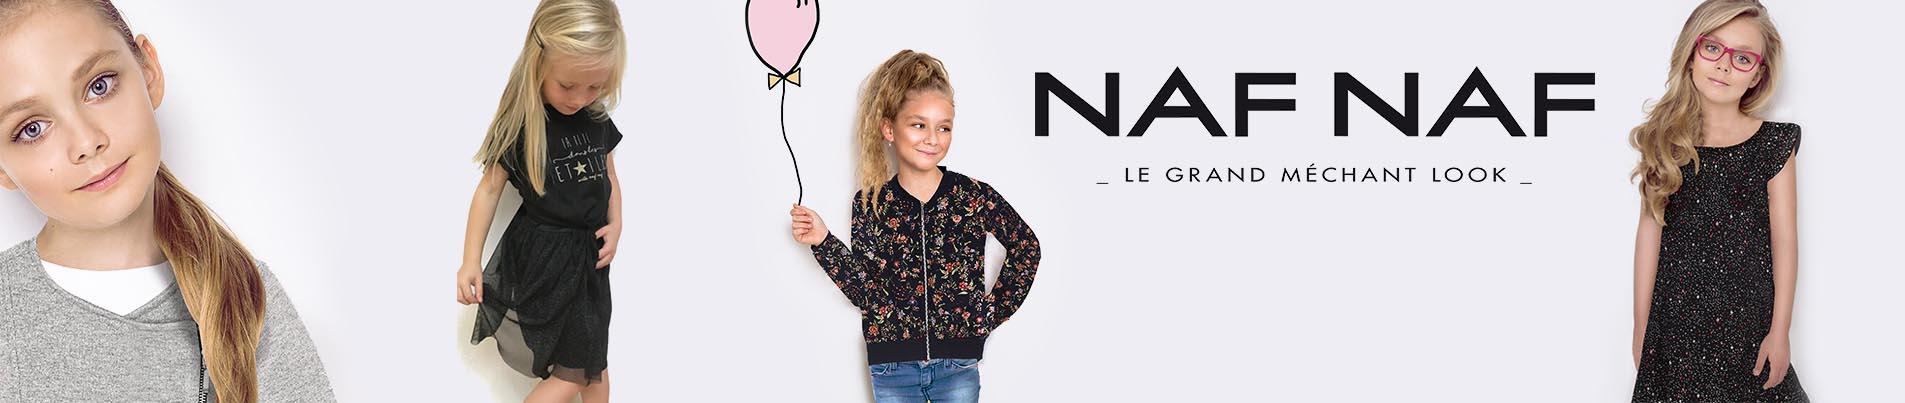 Naf Naf oryginalna odzież dziecięca hurtownia.